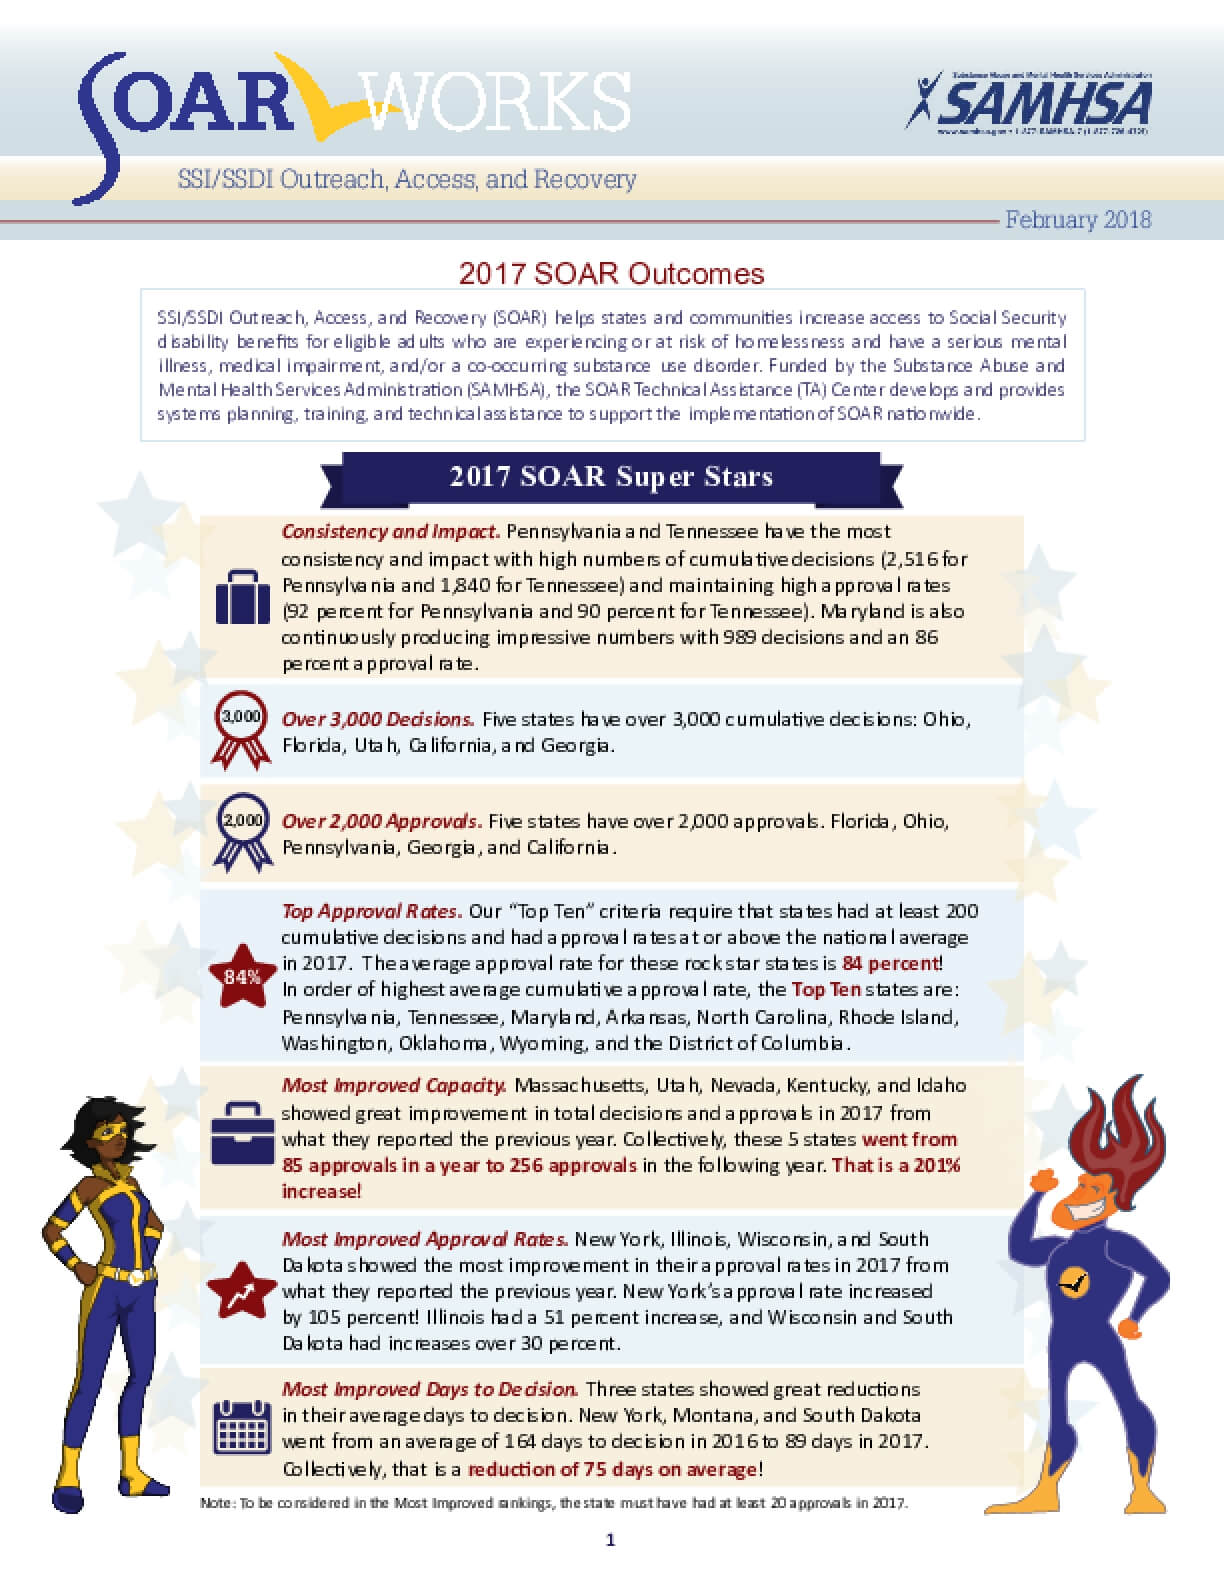 2017 SOAR Outcomes